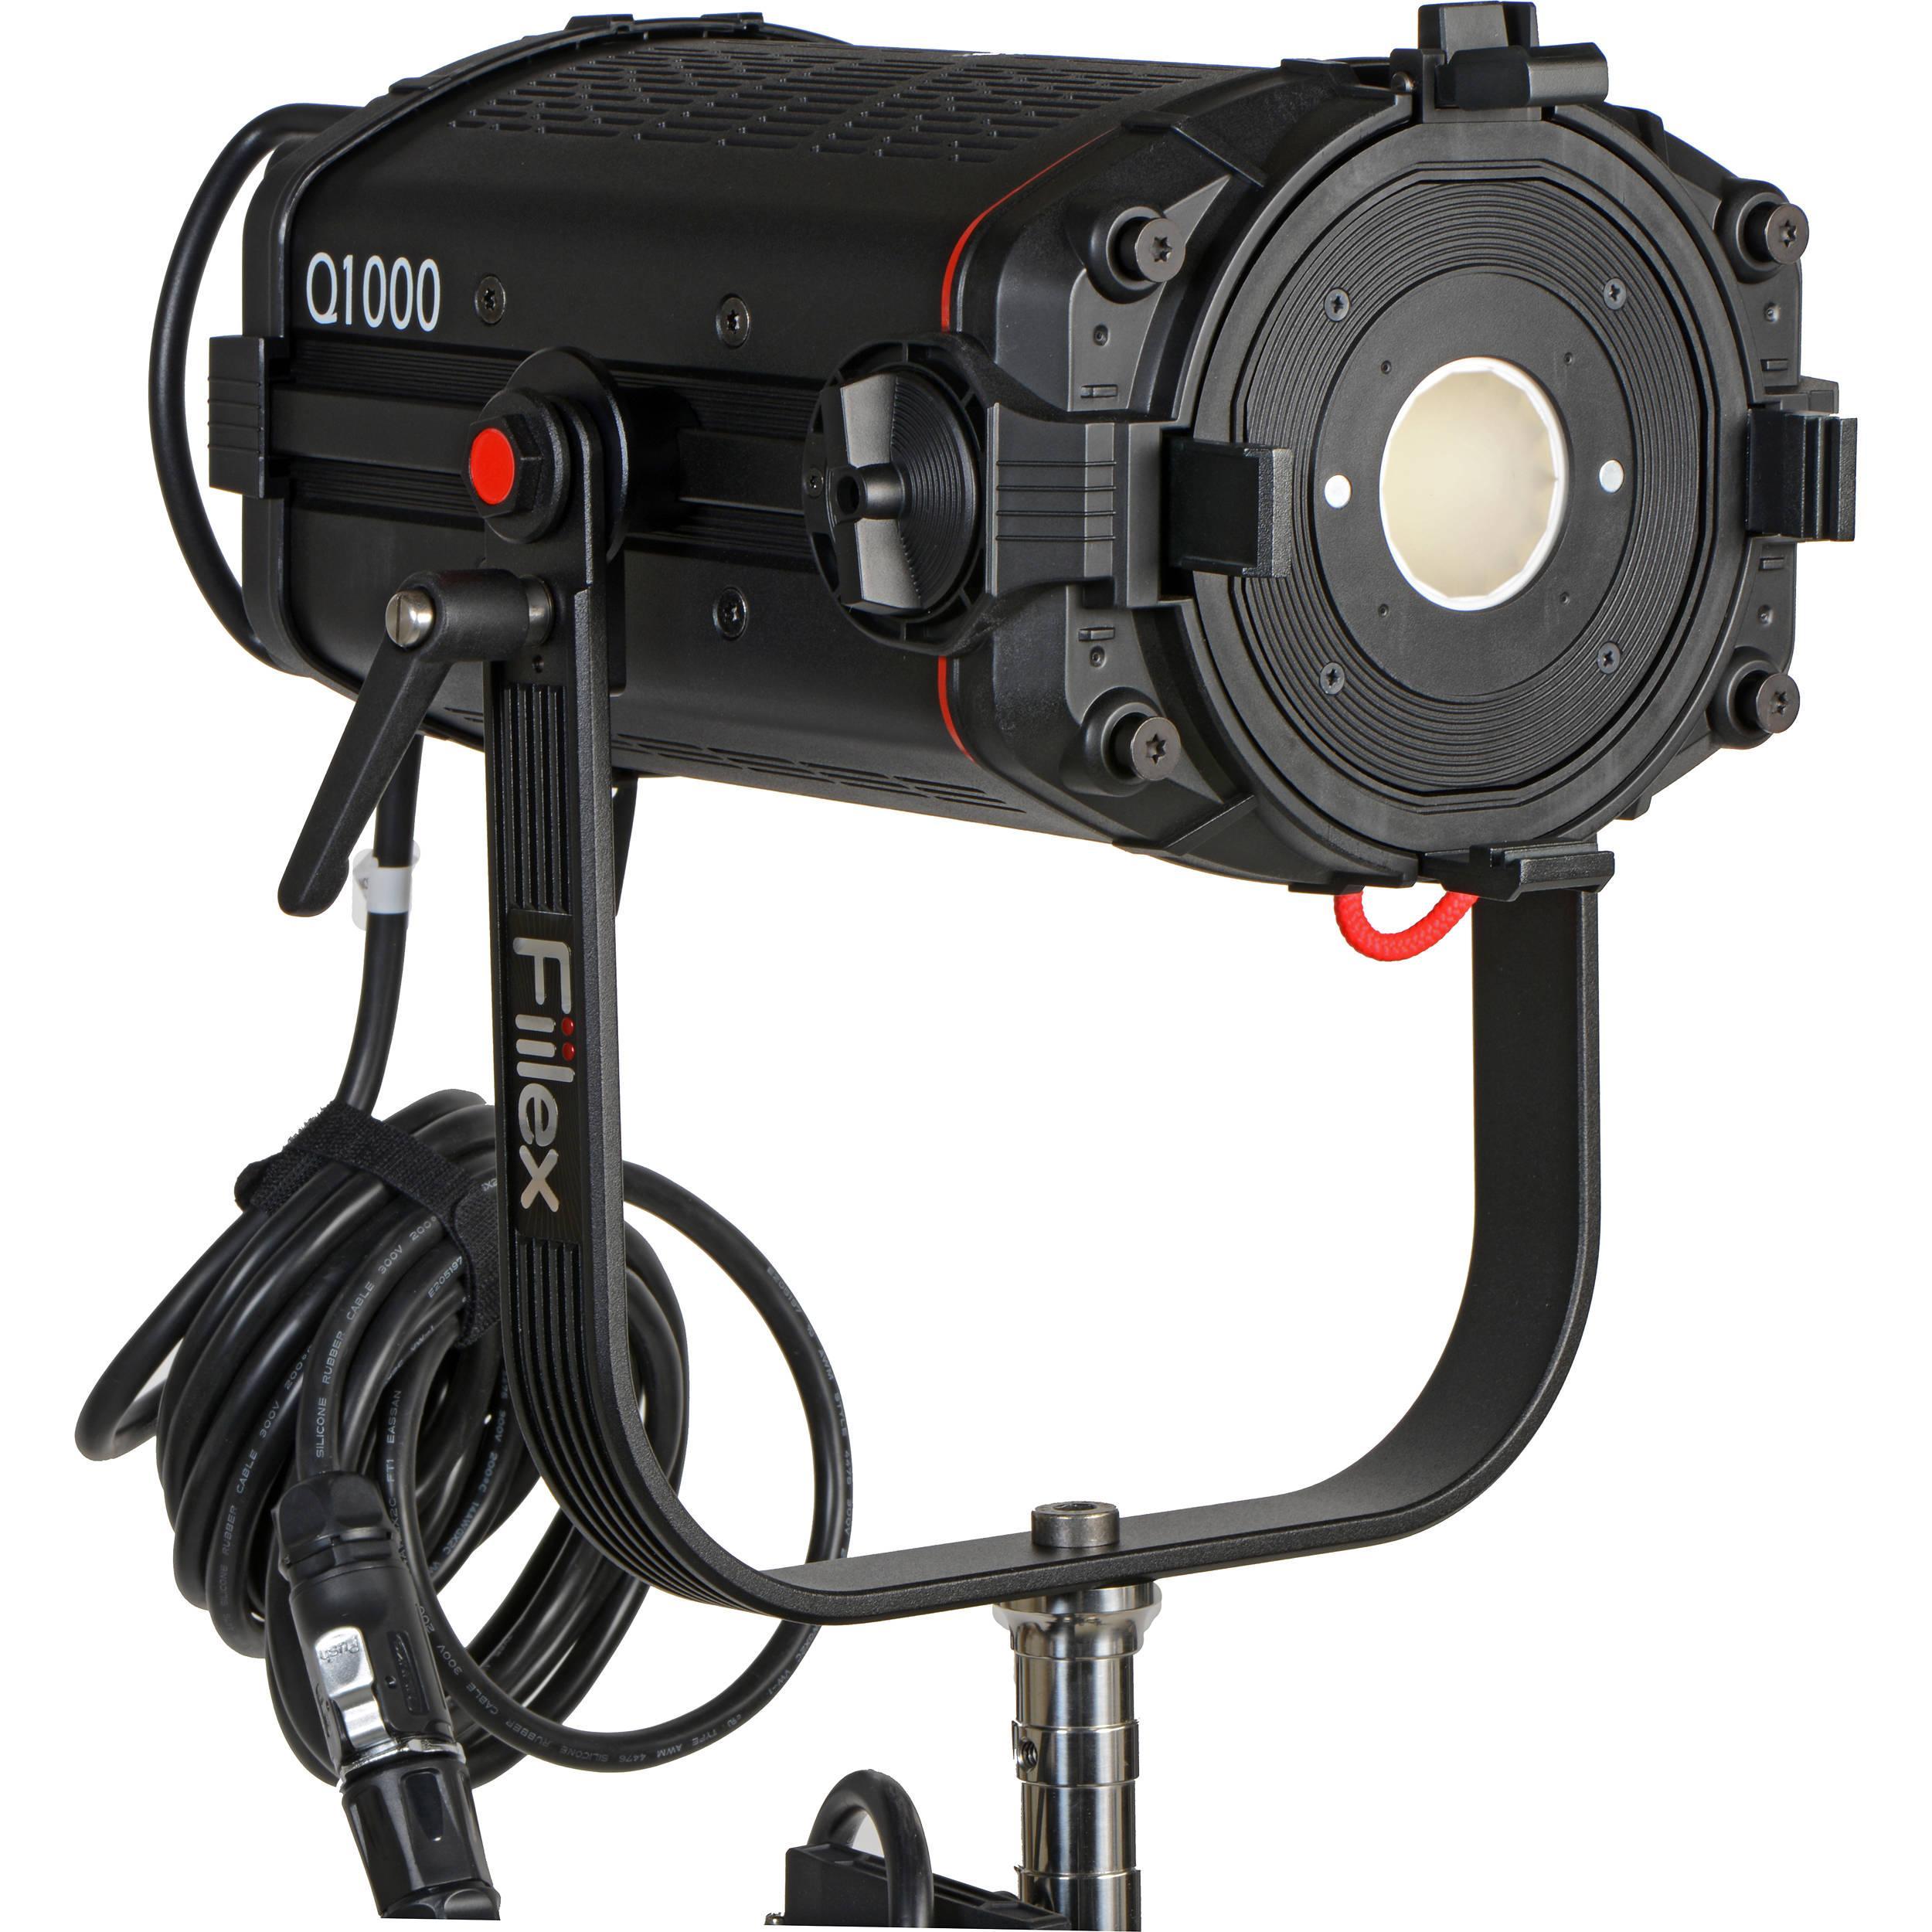 LED PAR FIILEX Q1000 BICOLOR